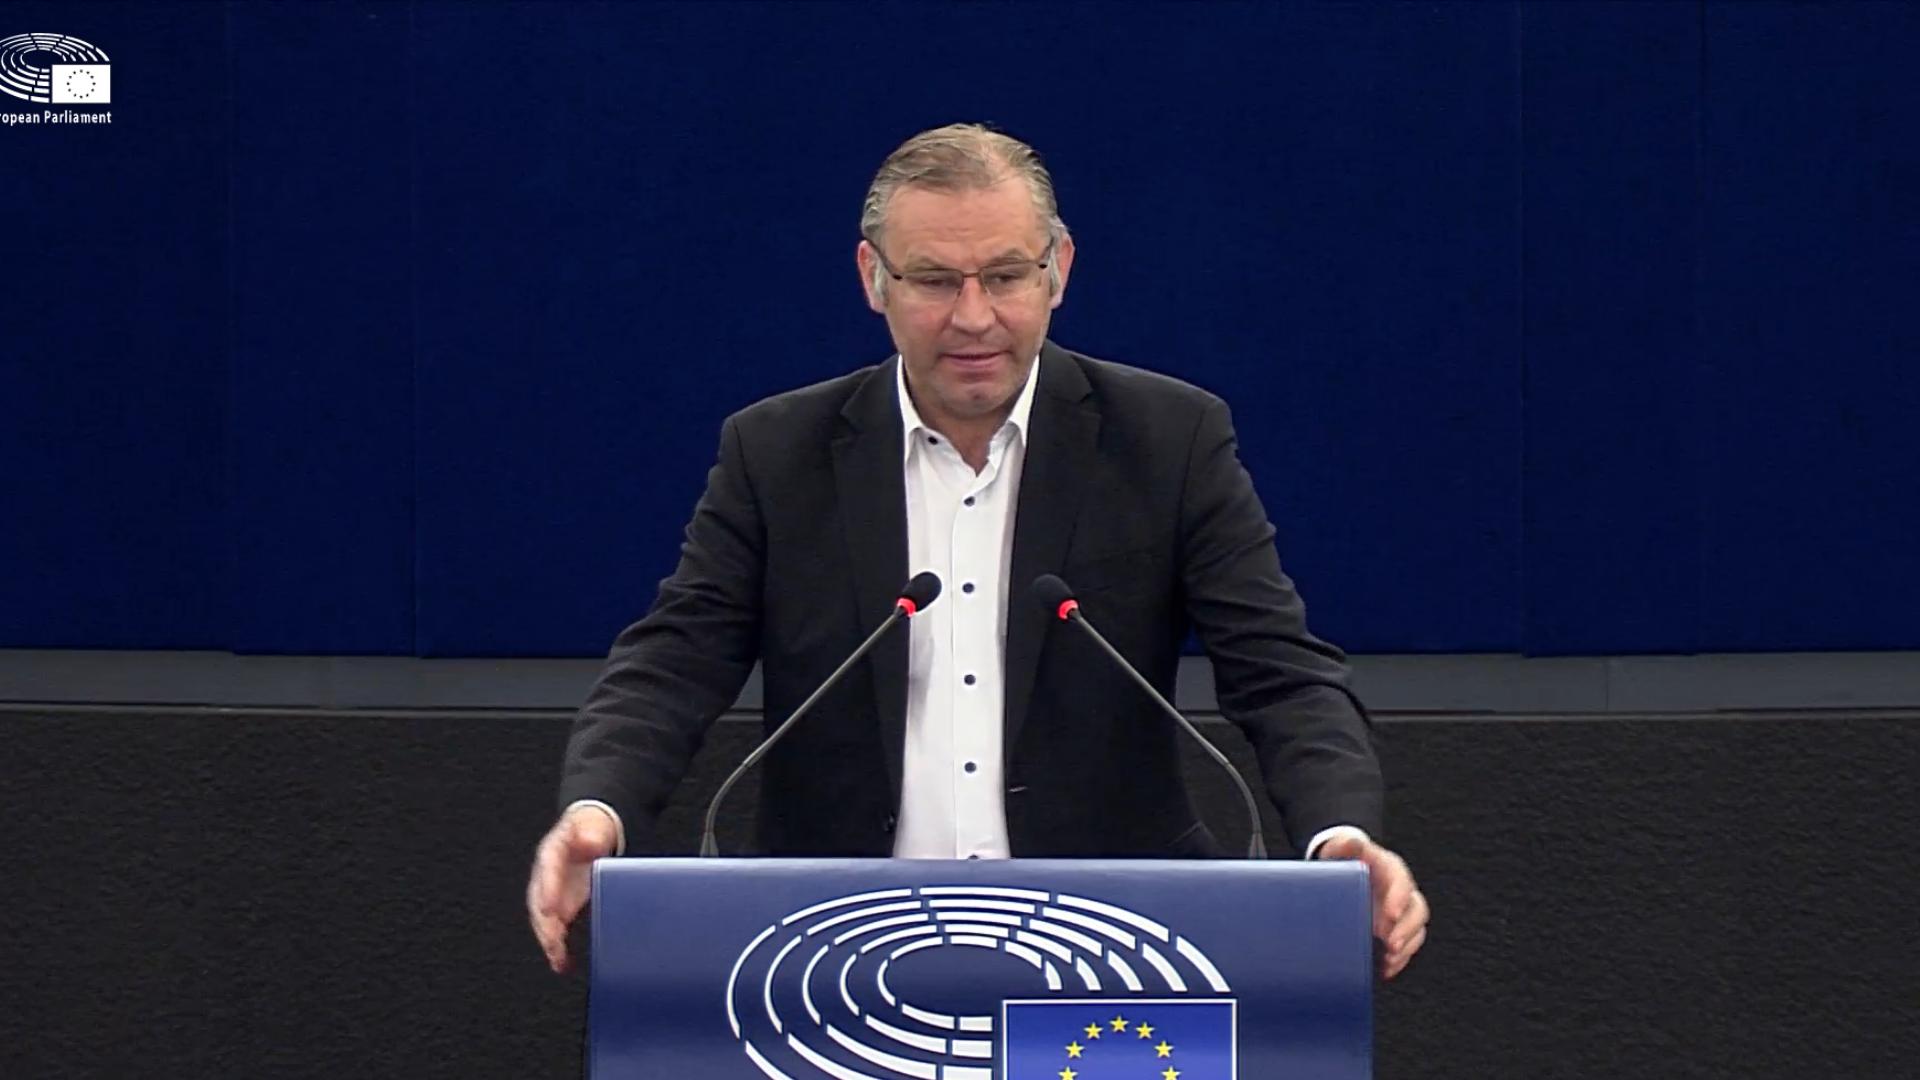 Standbild aus Video, MEP Norbert Lins steht in der Mitte an einem Podium mit EU-Flagge, dunkelblauer Hintergrund